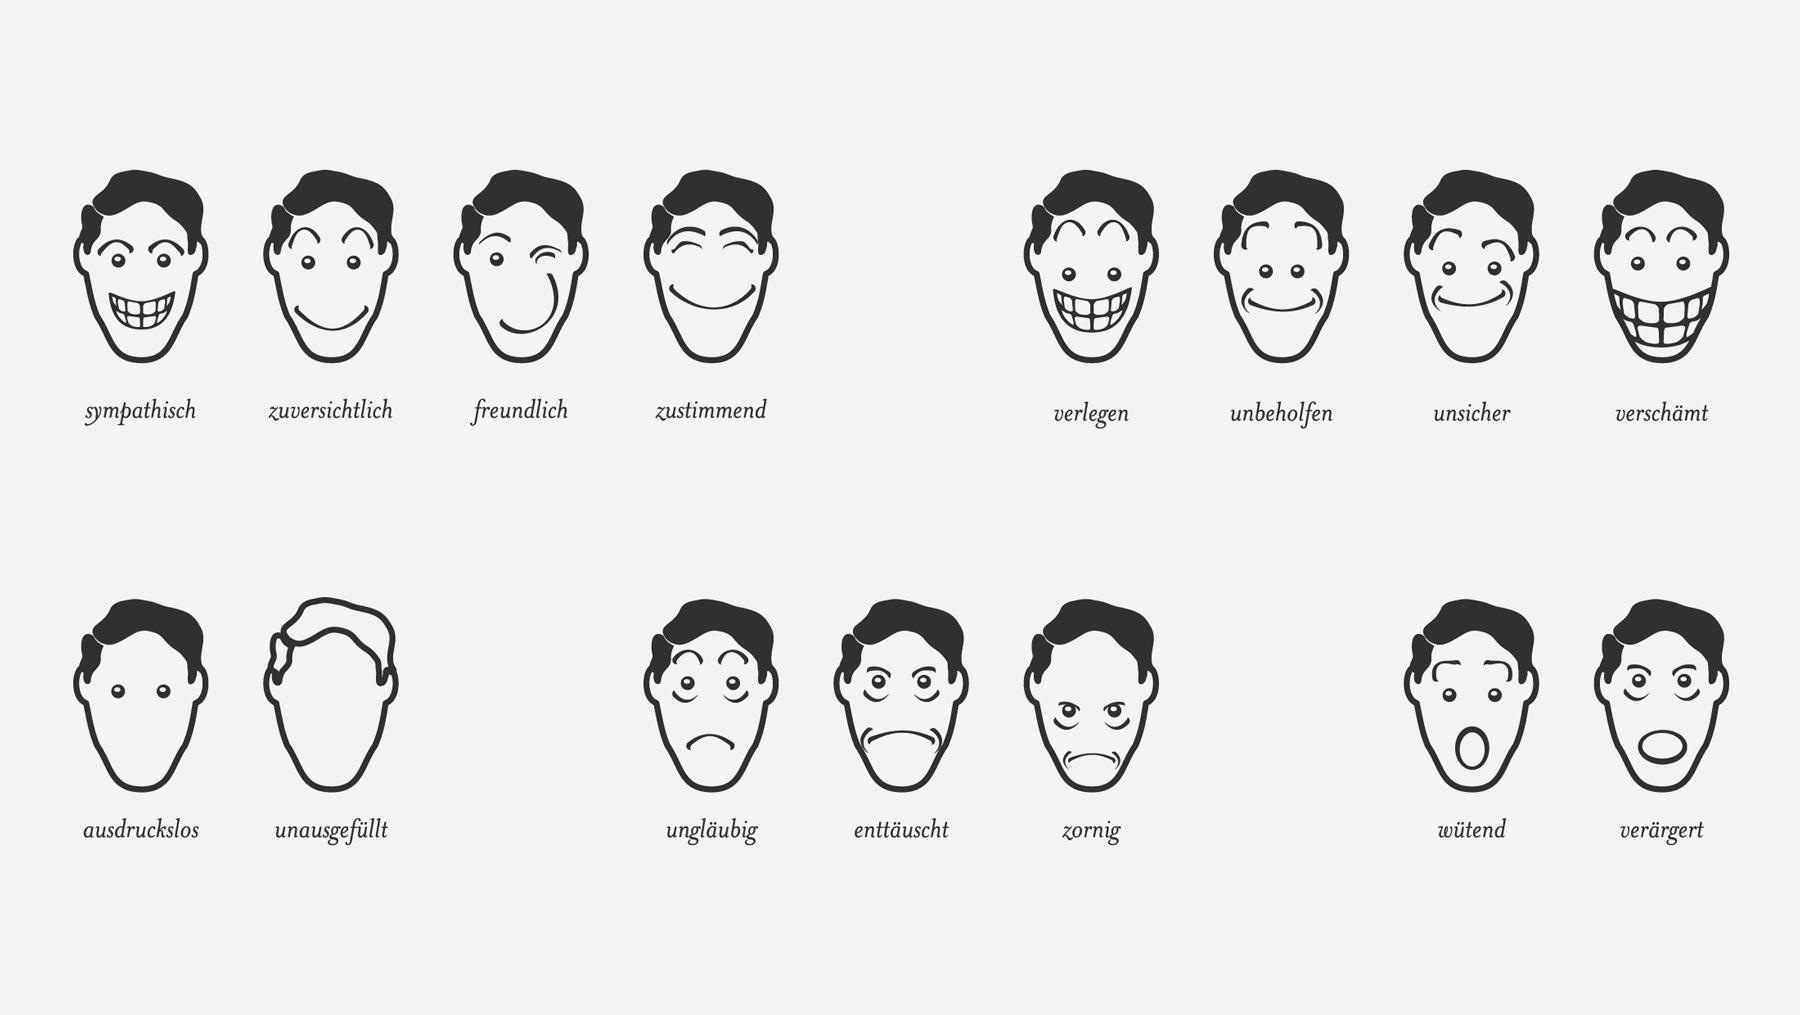 Piktogramme - Mimik Gesichtsausdruck